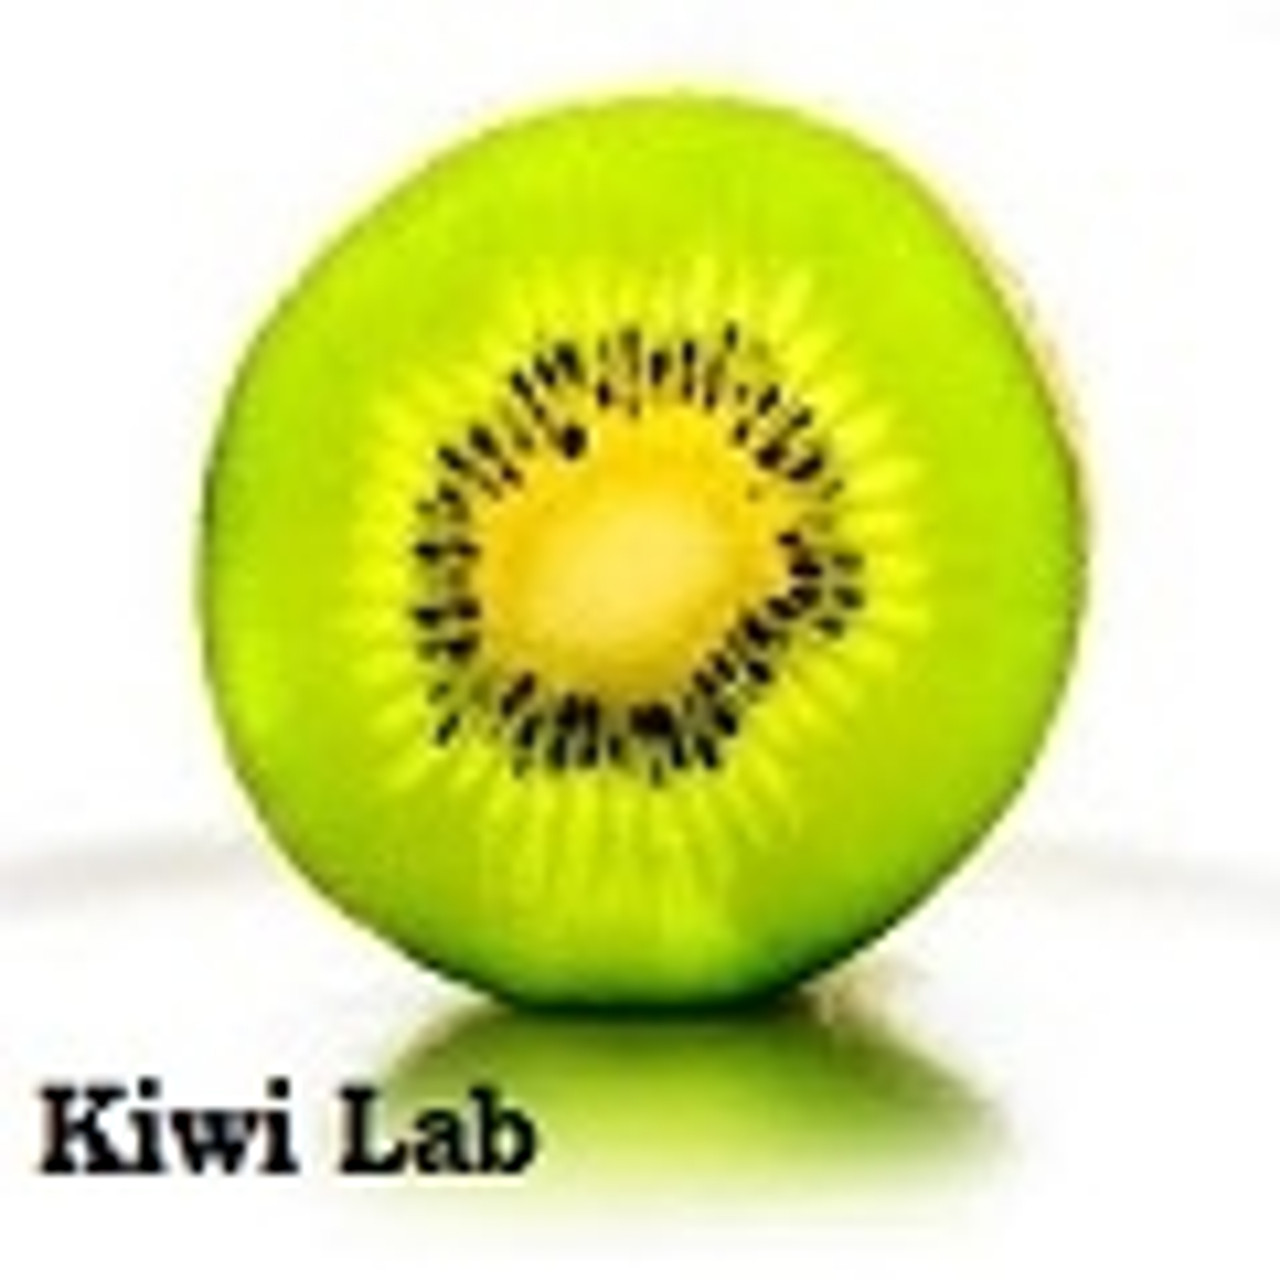 Kiwi Lab